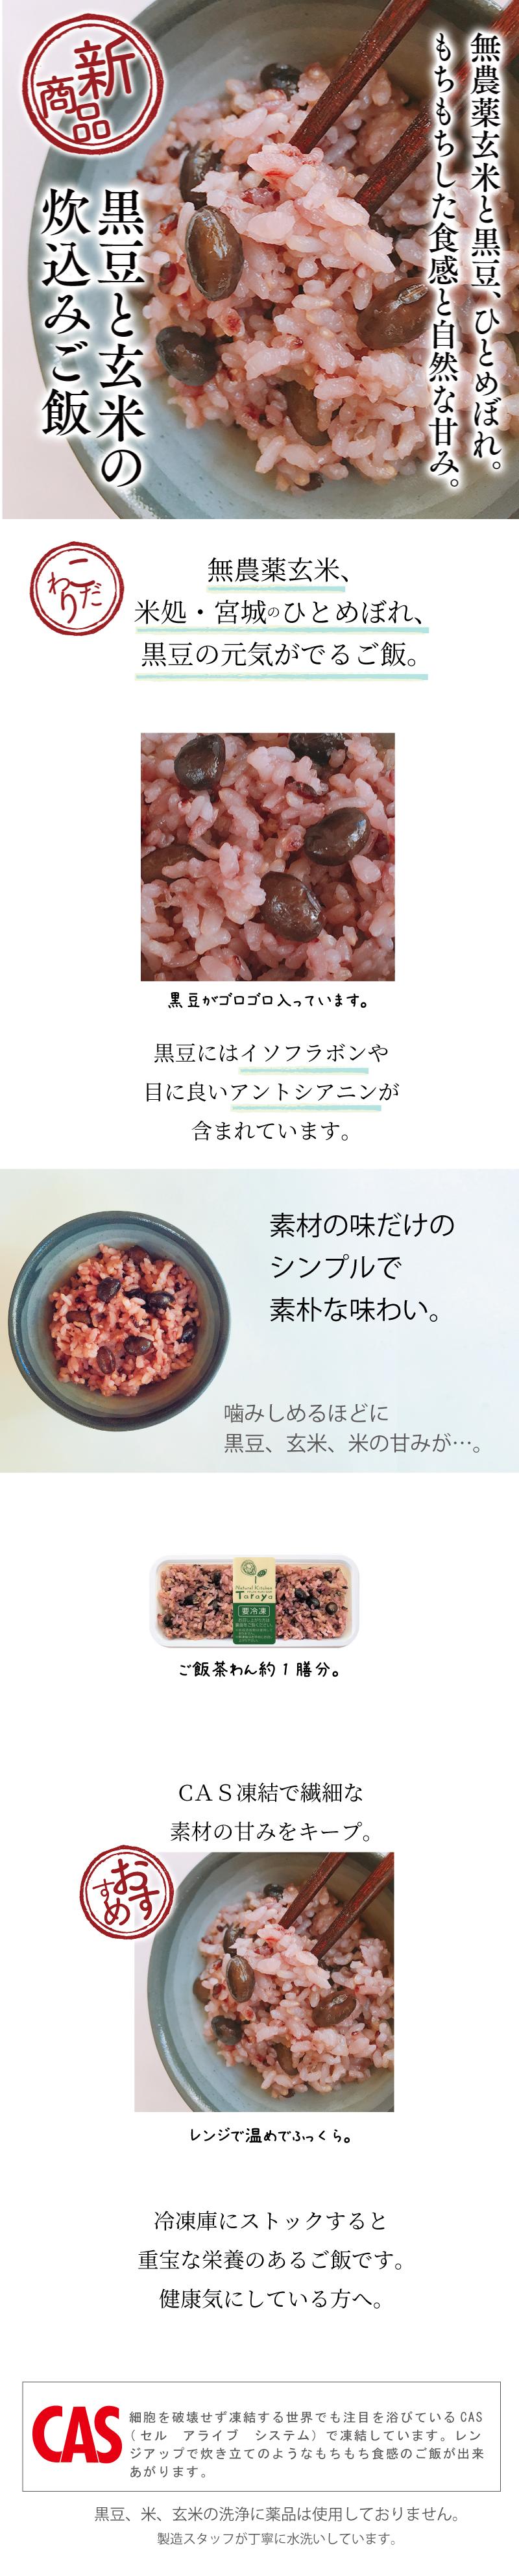 黒豆と玄米の炊込みご飯